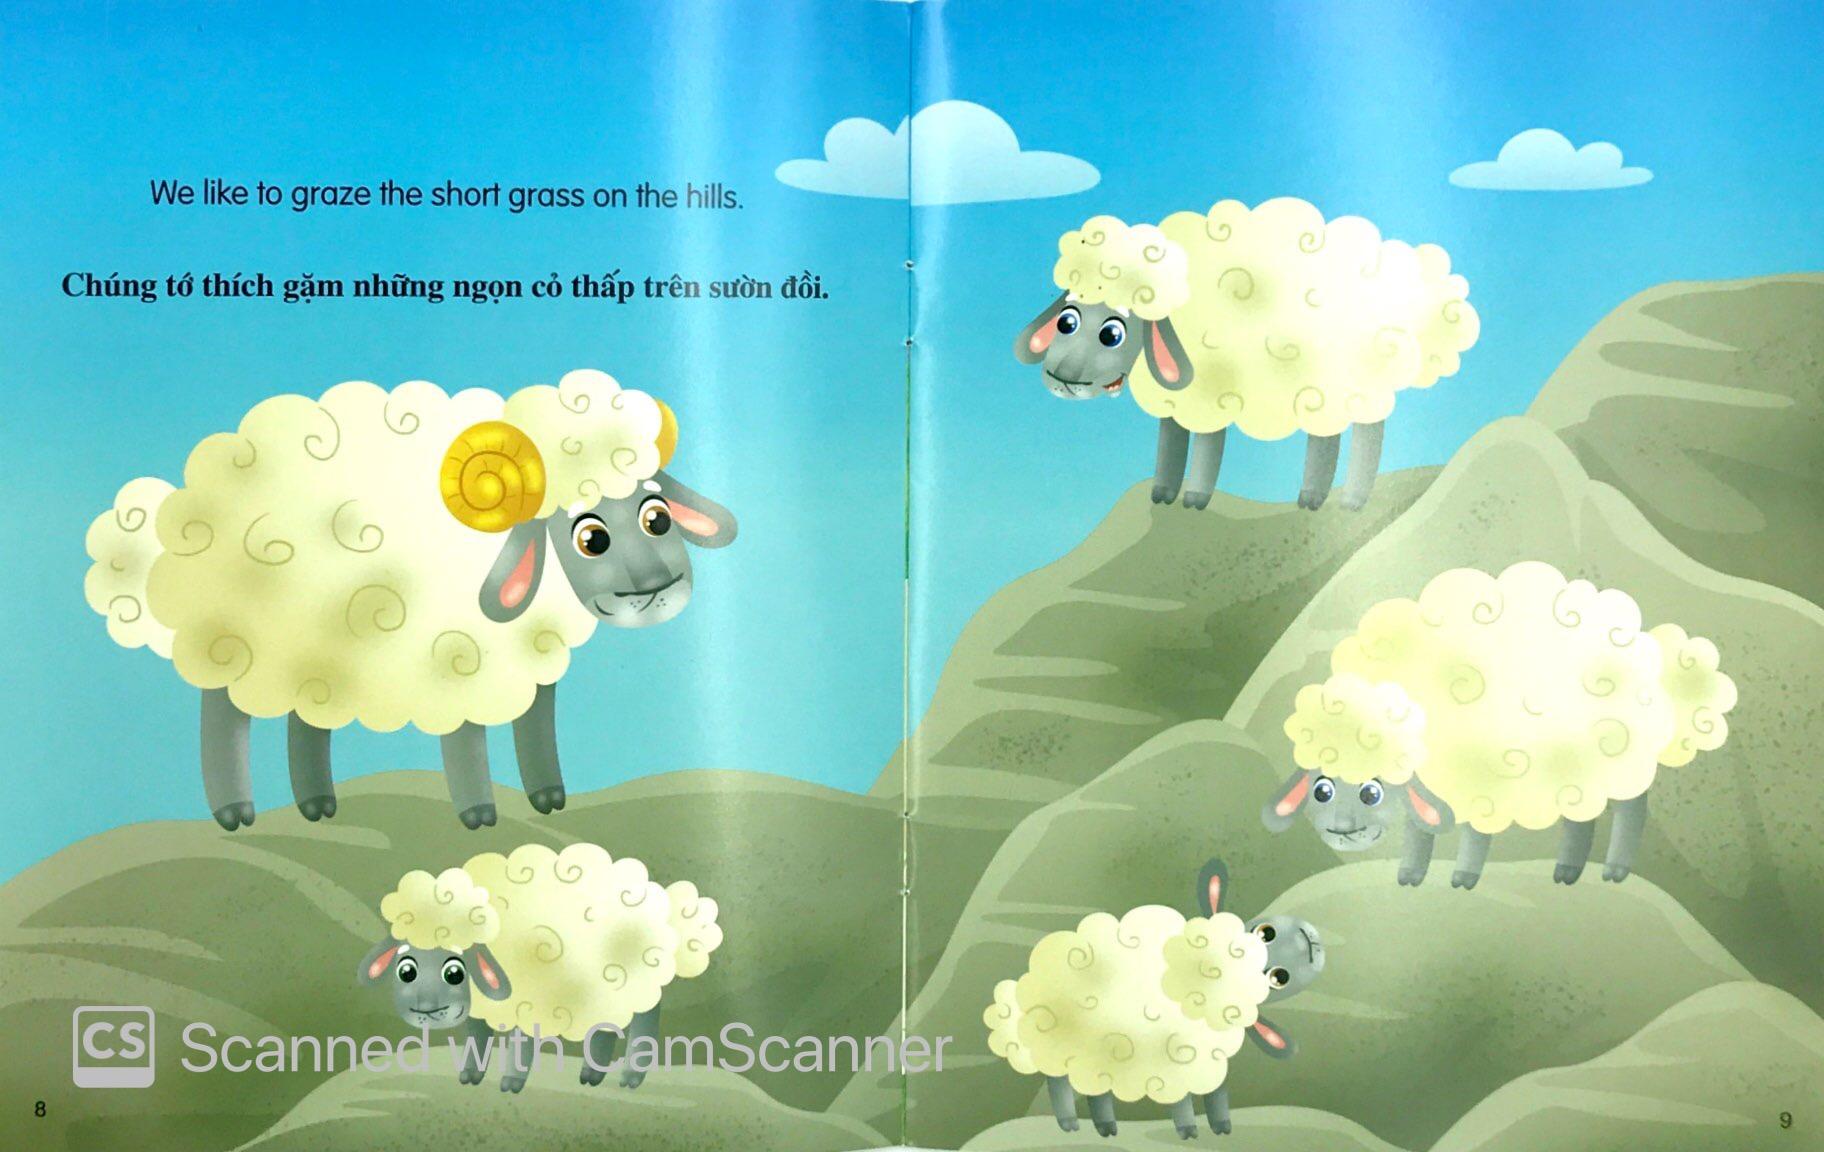 Sách Những Câu Chuyện Về Thế Giới Động Vật - Tớ Là Một Chú Cừu - I Am A  Sheep (Song Ngữ Anh - Việt) - FAHASA.COM